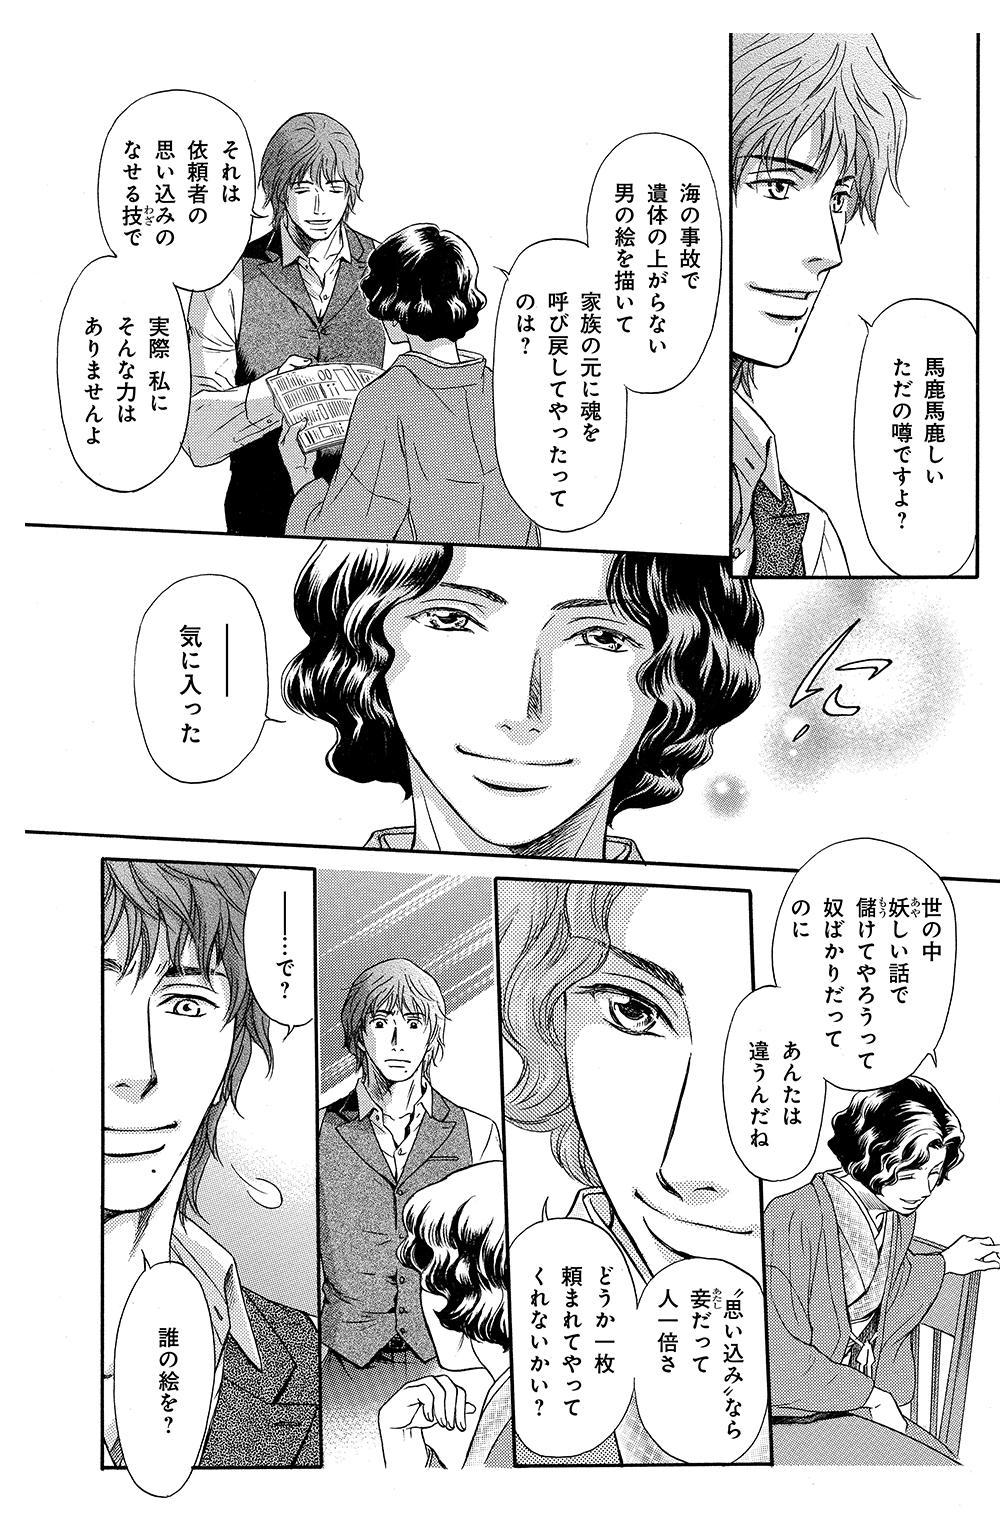 鵼の絵師 第2話「おきみやげ」①nue03-07.jpg